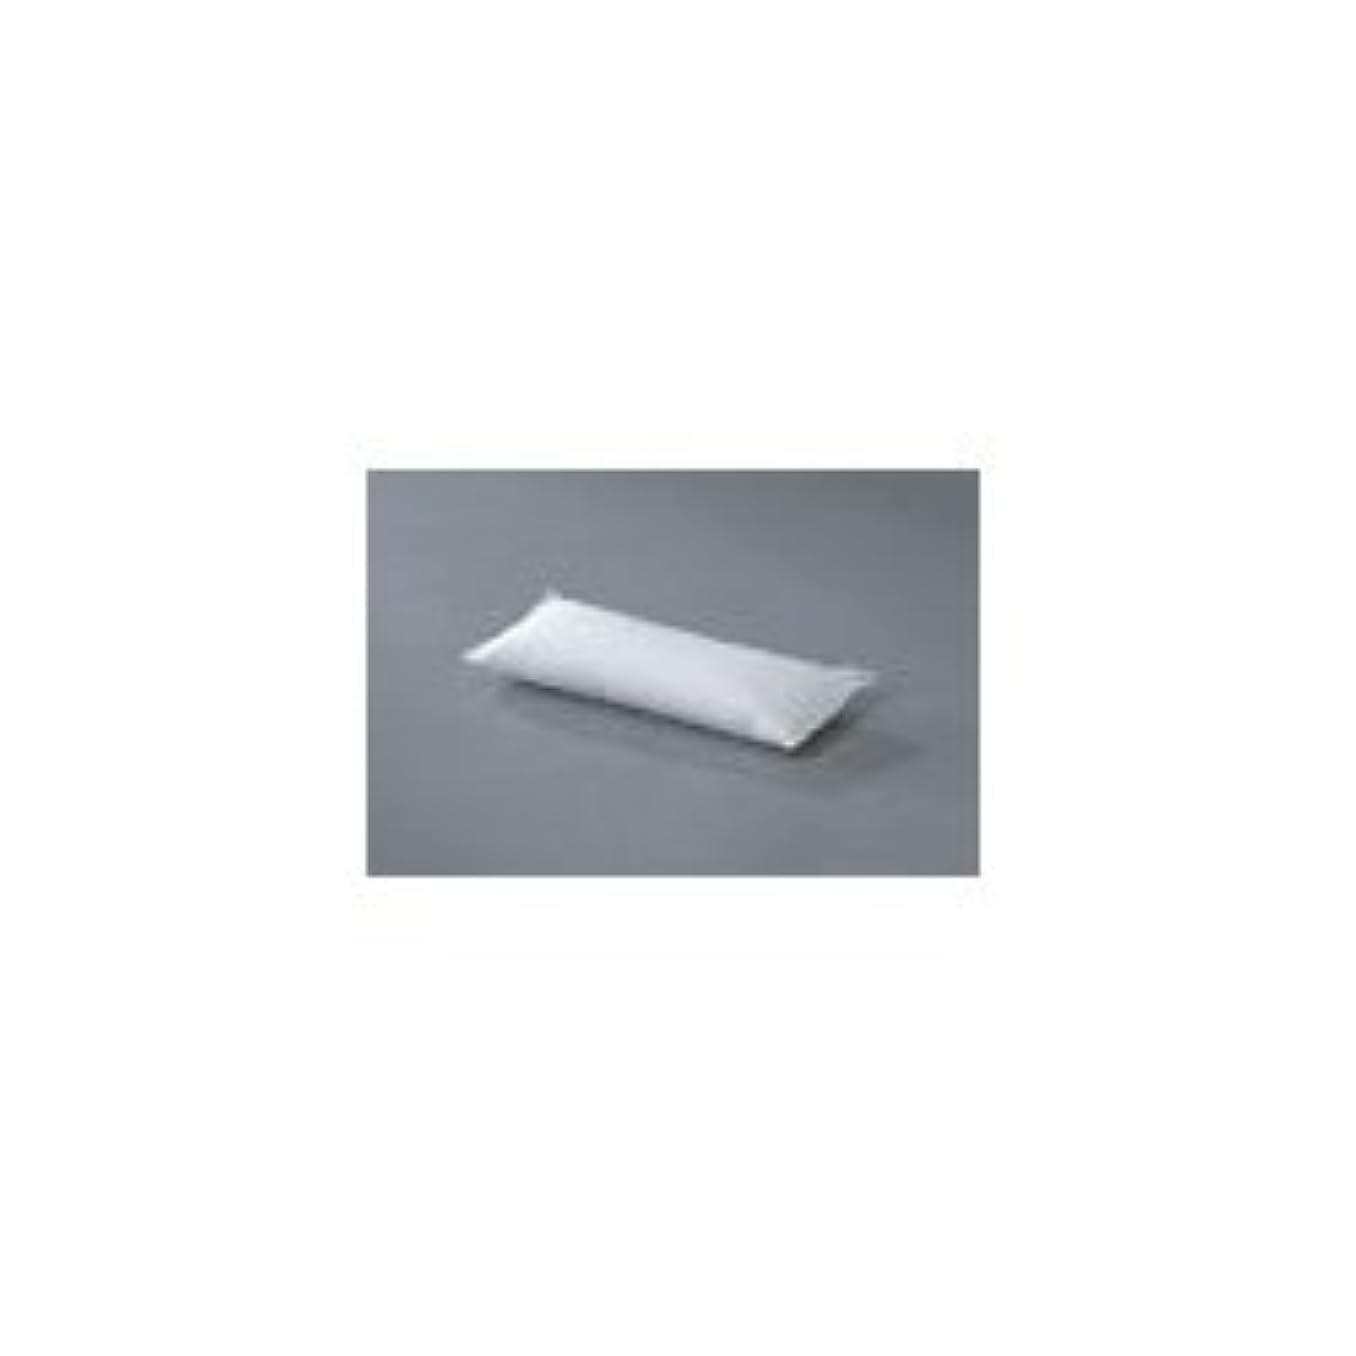 制限カーペット予備ジャノメ 24時間風呂 クリーンバスユニット専用電解促進剤 CLパック 7袋 (クリーンパック)